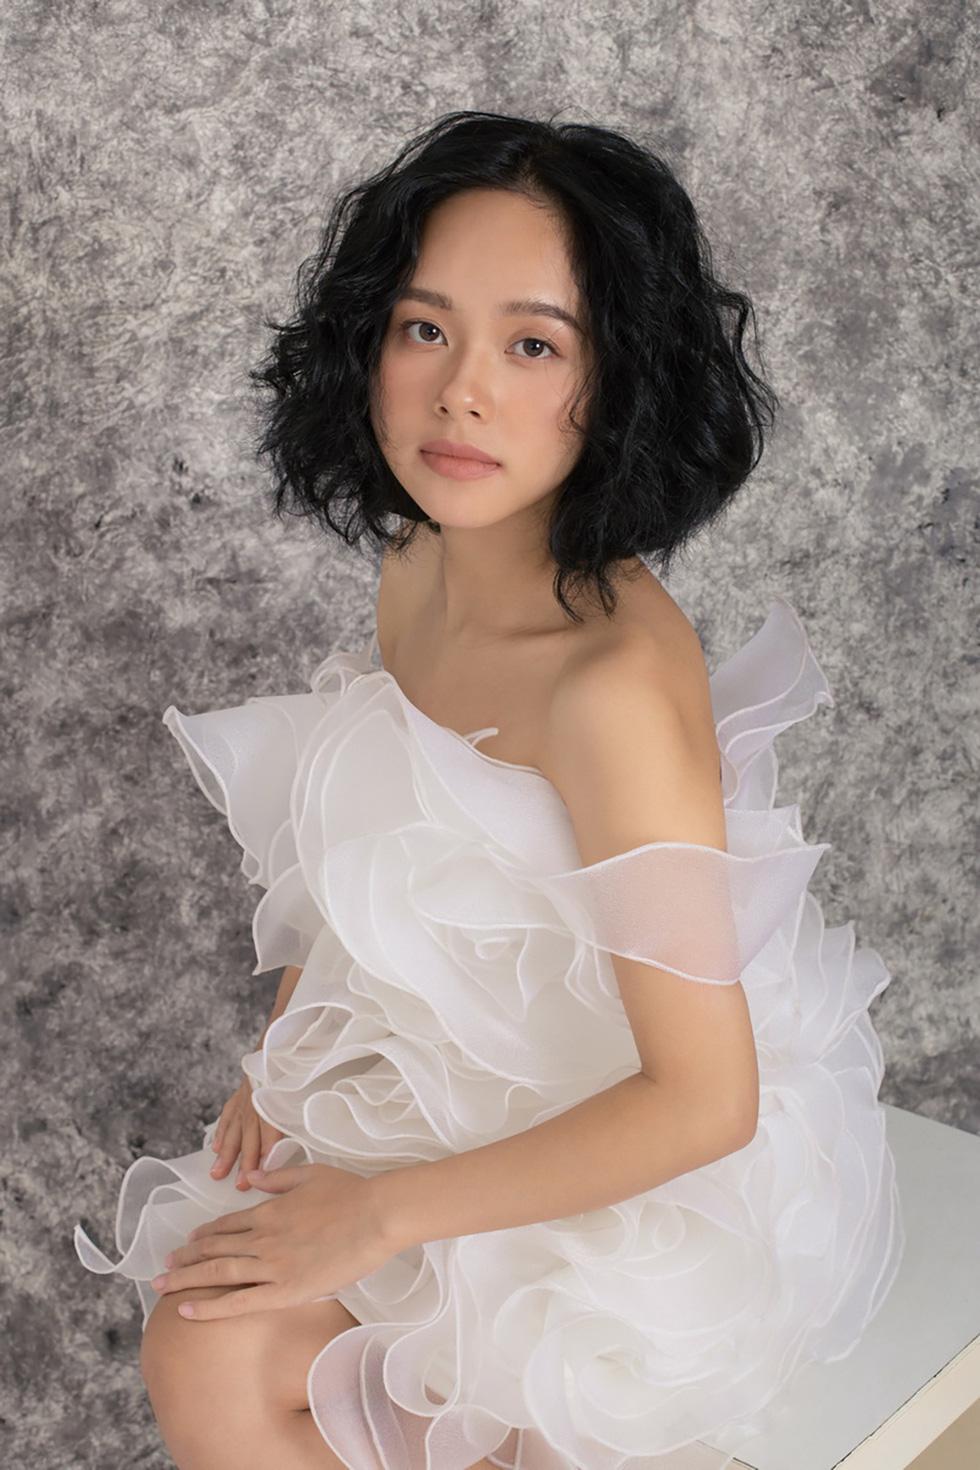 Hoàng Quyên: Tôi muốn là người kể chuyện tình yêu - Ảnh 7.